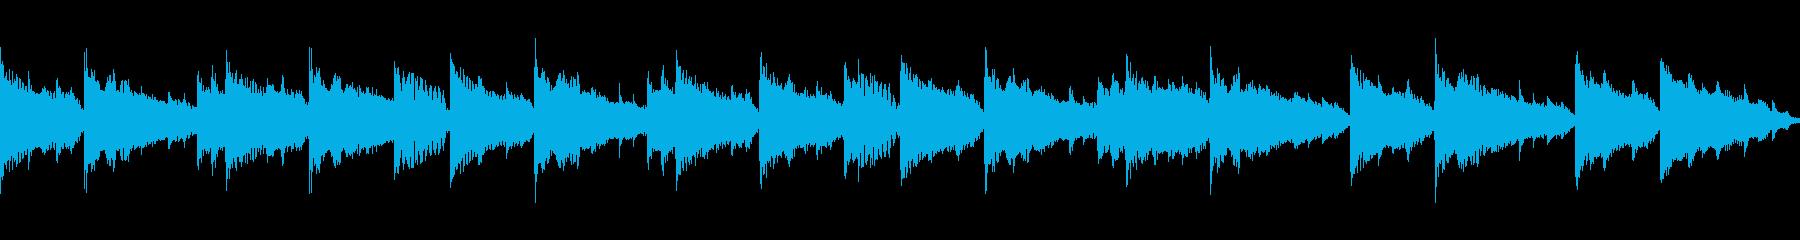 企業映像10F【ループ1】努力、情熱の再生済みの波形